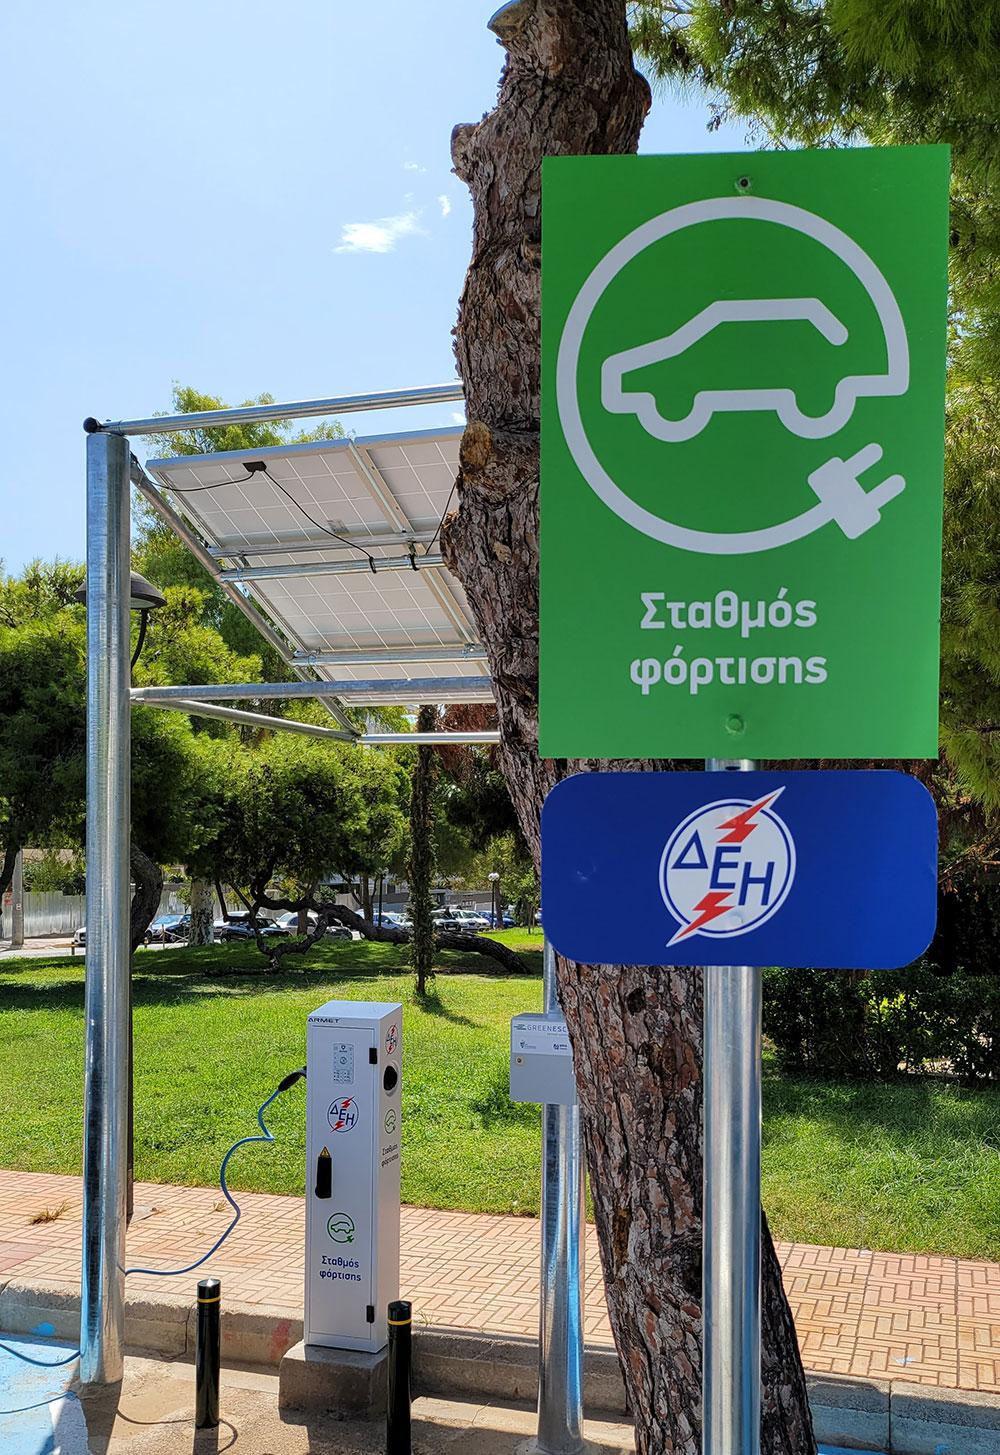 Ο πρώτος σταθμός φόρτισης ηλεκτρικών οχημάτων στον Δήμο Βάρης Βούλας Βουλιαγμένης